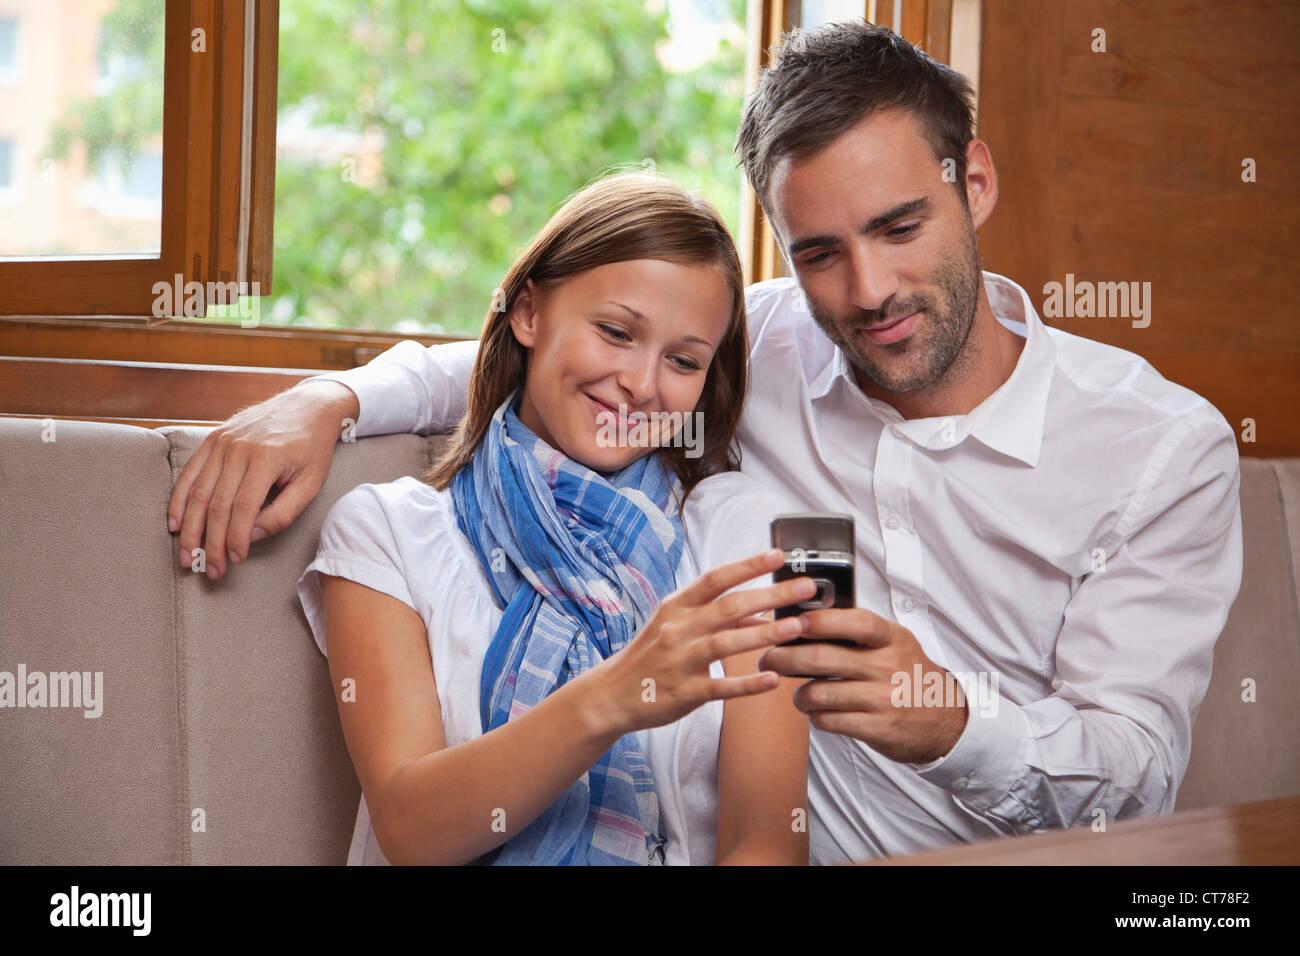 Coppia giovane guardando il display del telefono cellulare Immagini Stock